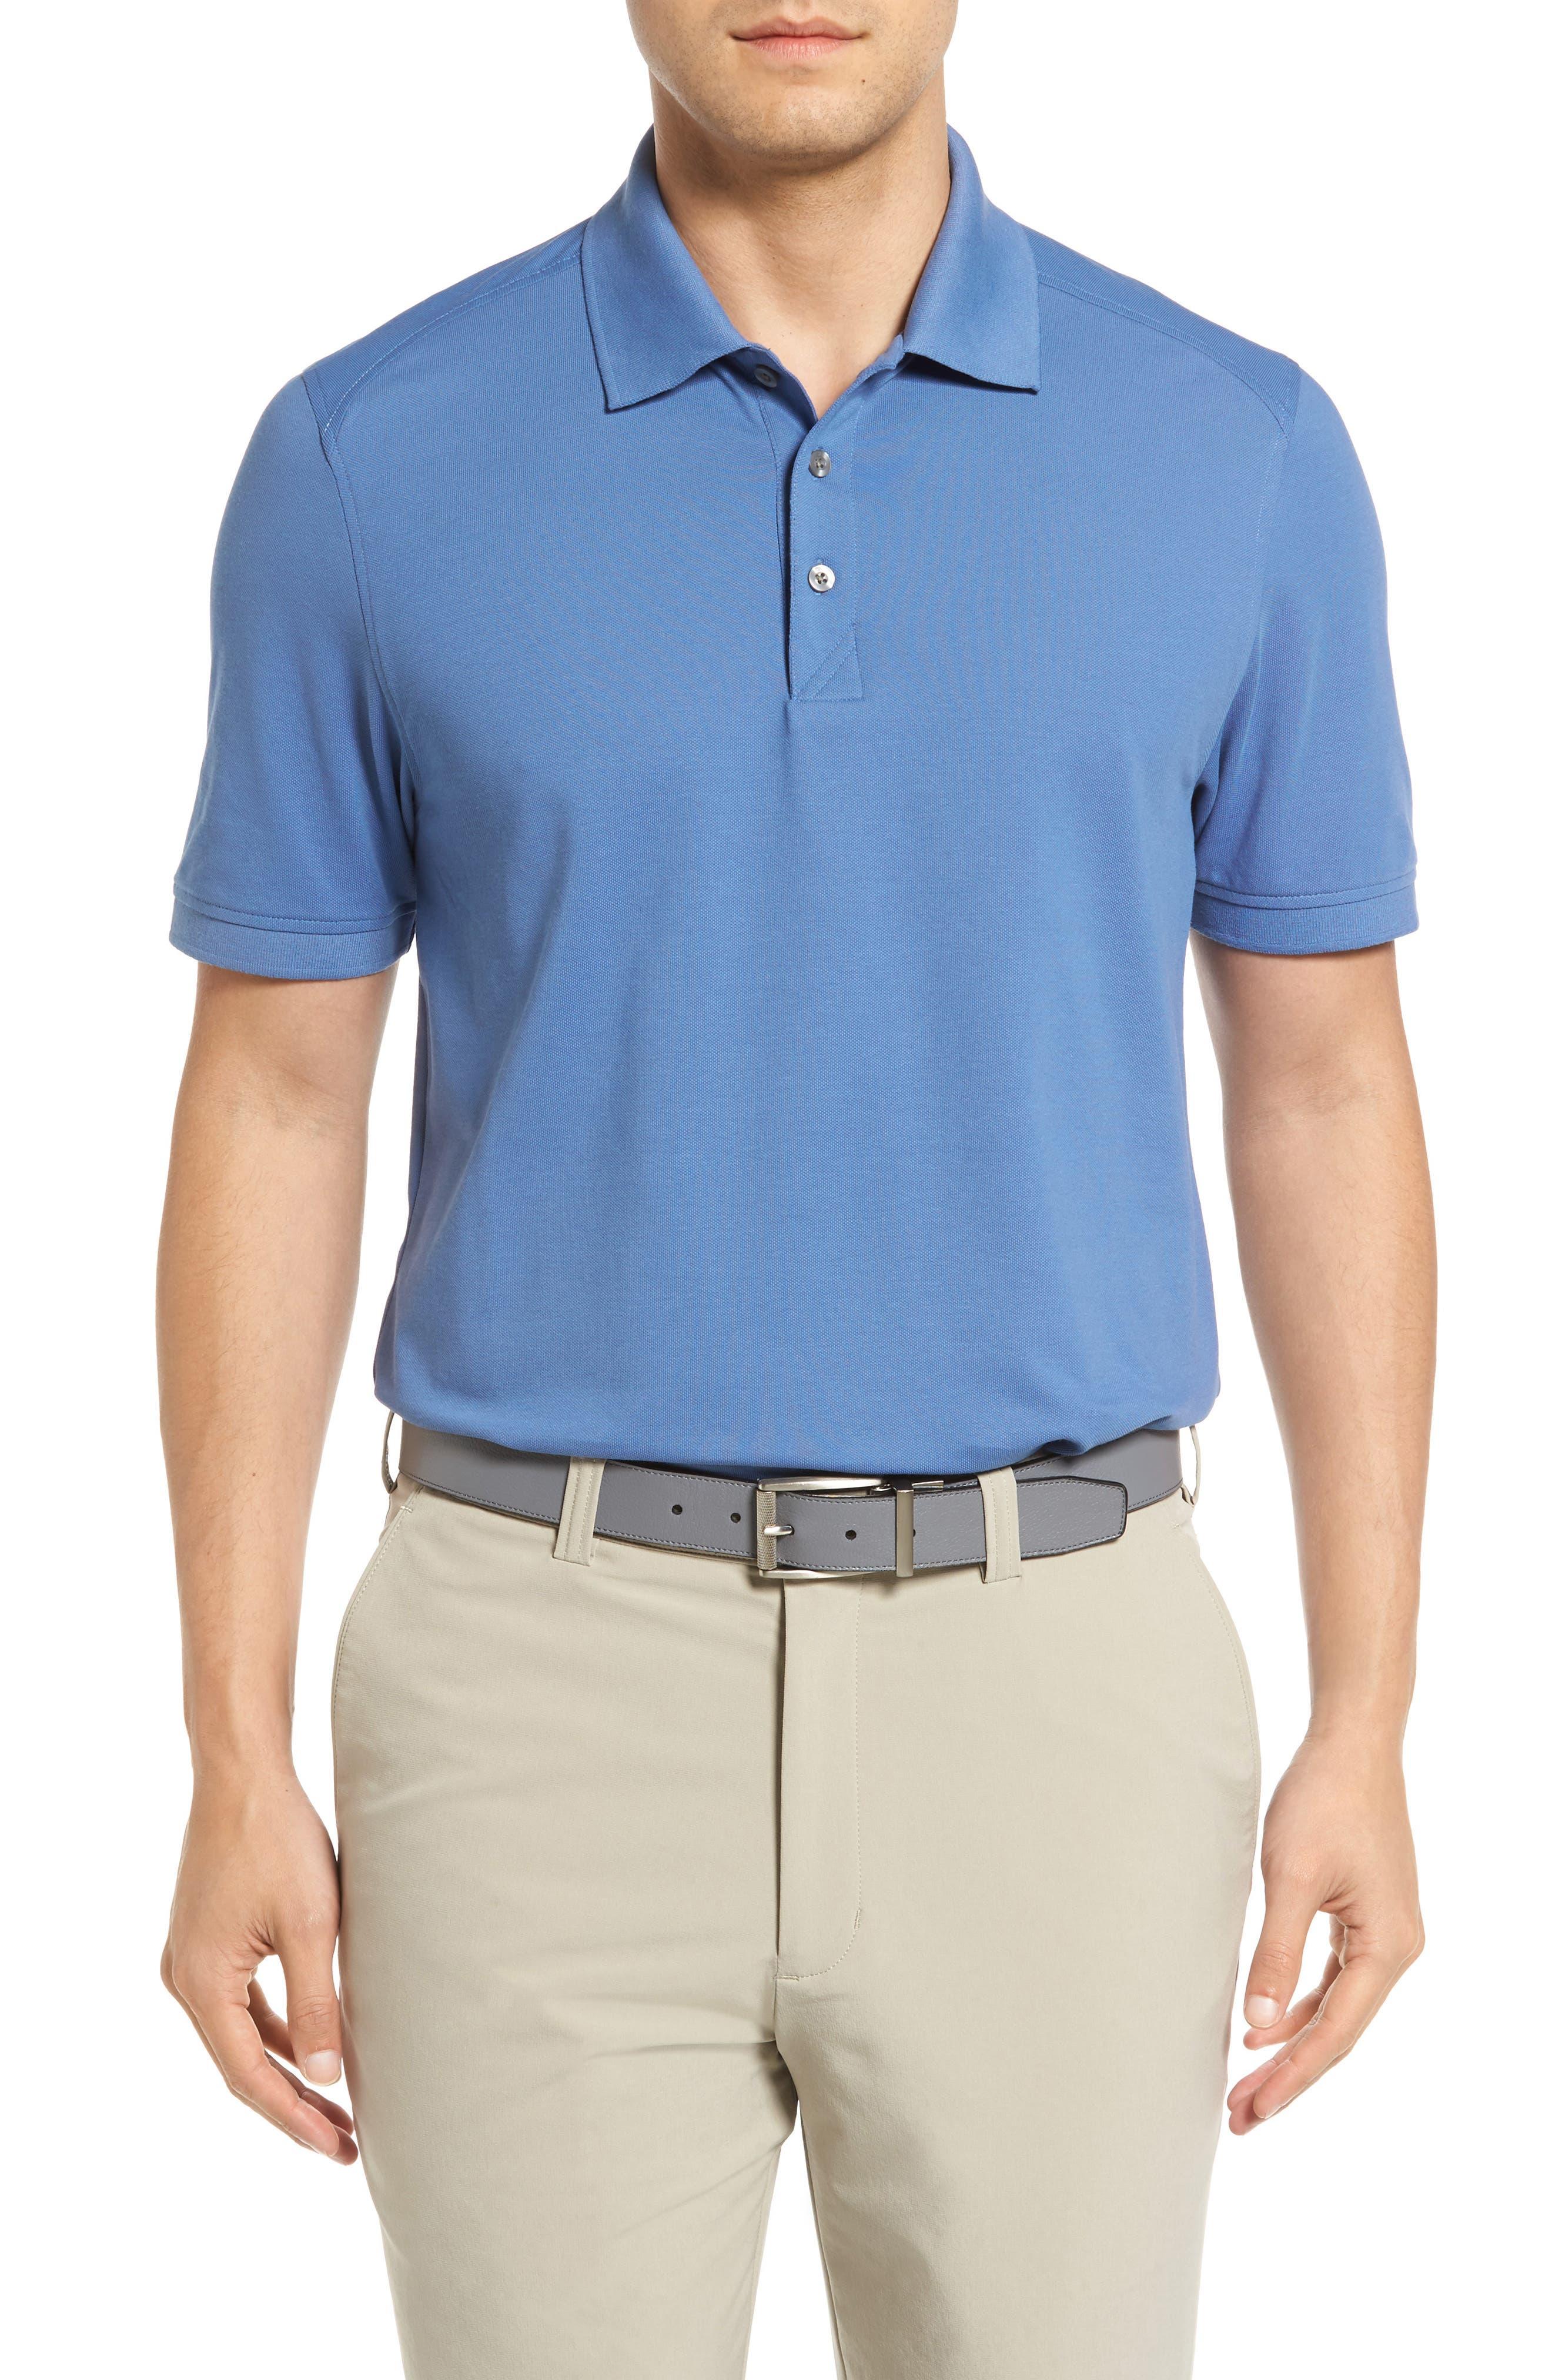 Advantage Golf Polo,                             Main thumbnail 1, color,                             Sea Blue